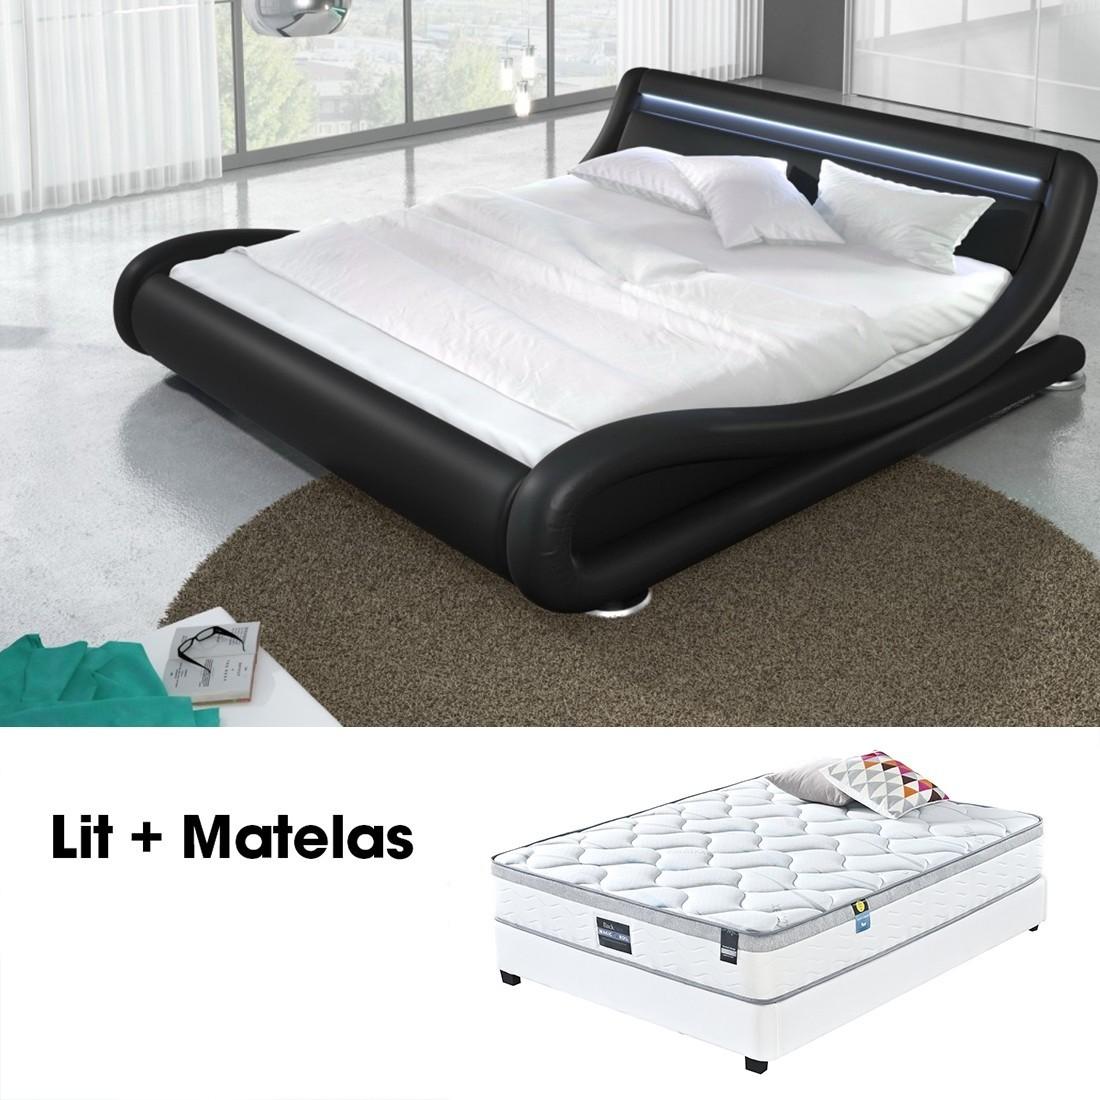 lit matelas julia noir 140cm avec matelas romance. Black Bedroom Furniture Sets. Home Design Ideas